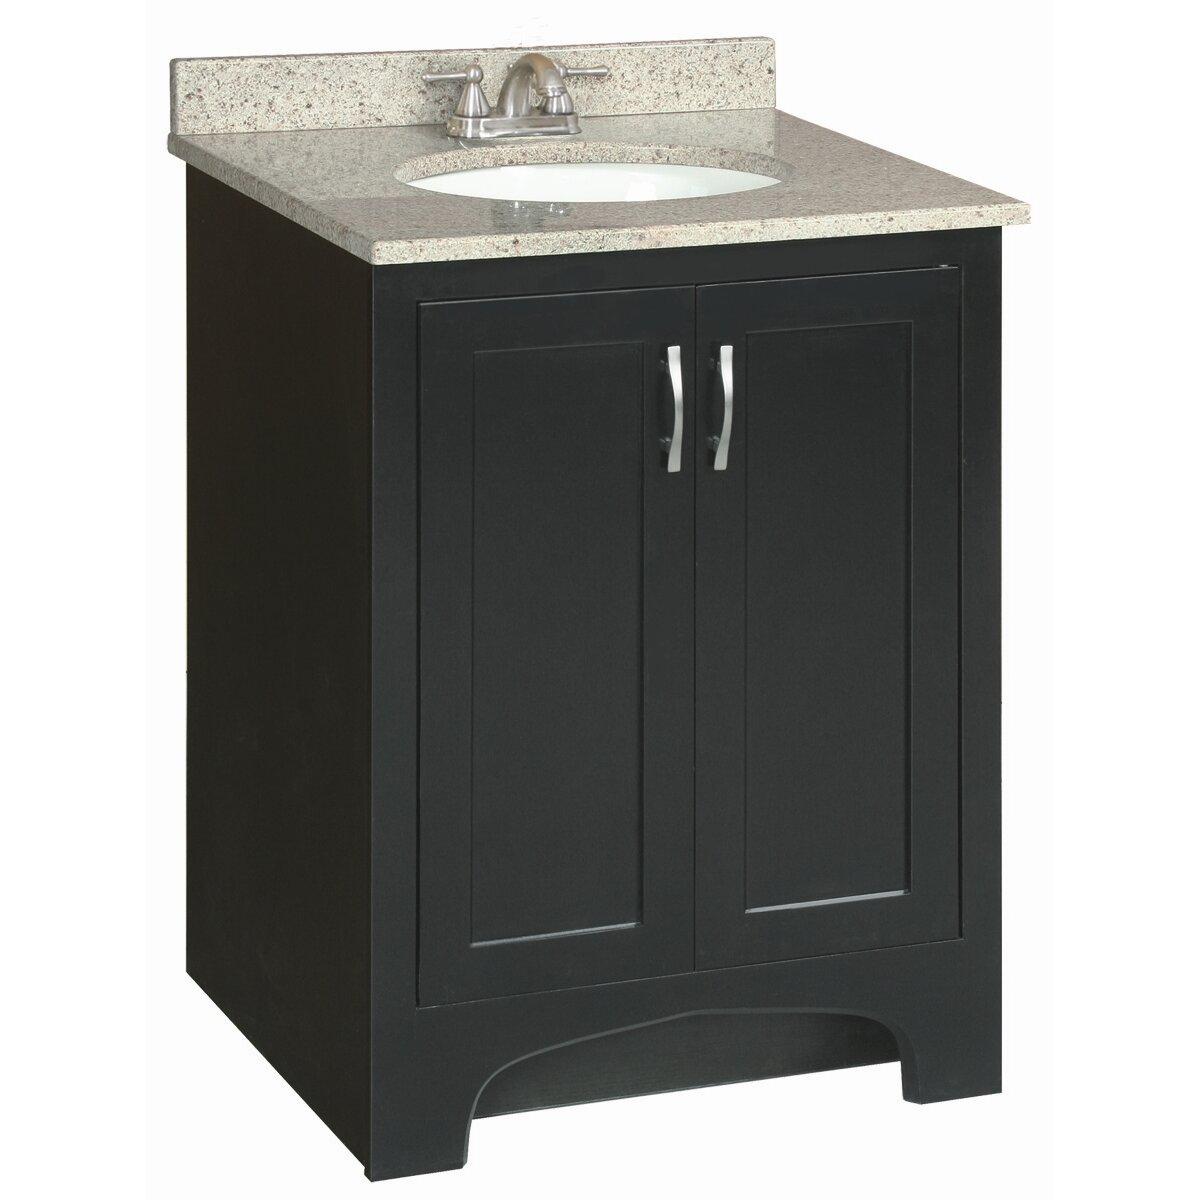 Design house ventura 24 single bathroom vanity base for Bathroom cabinets ventura